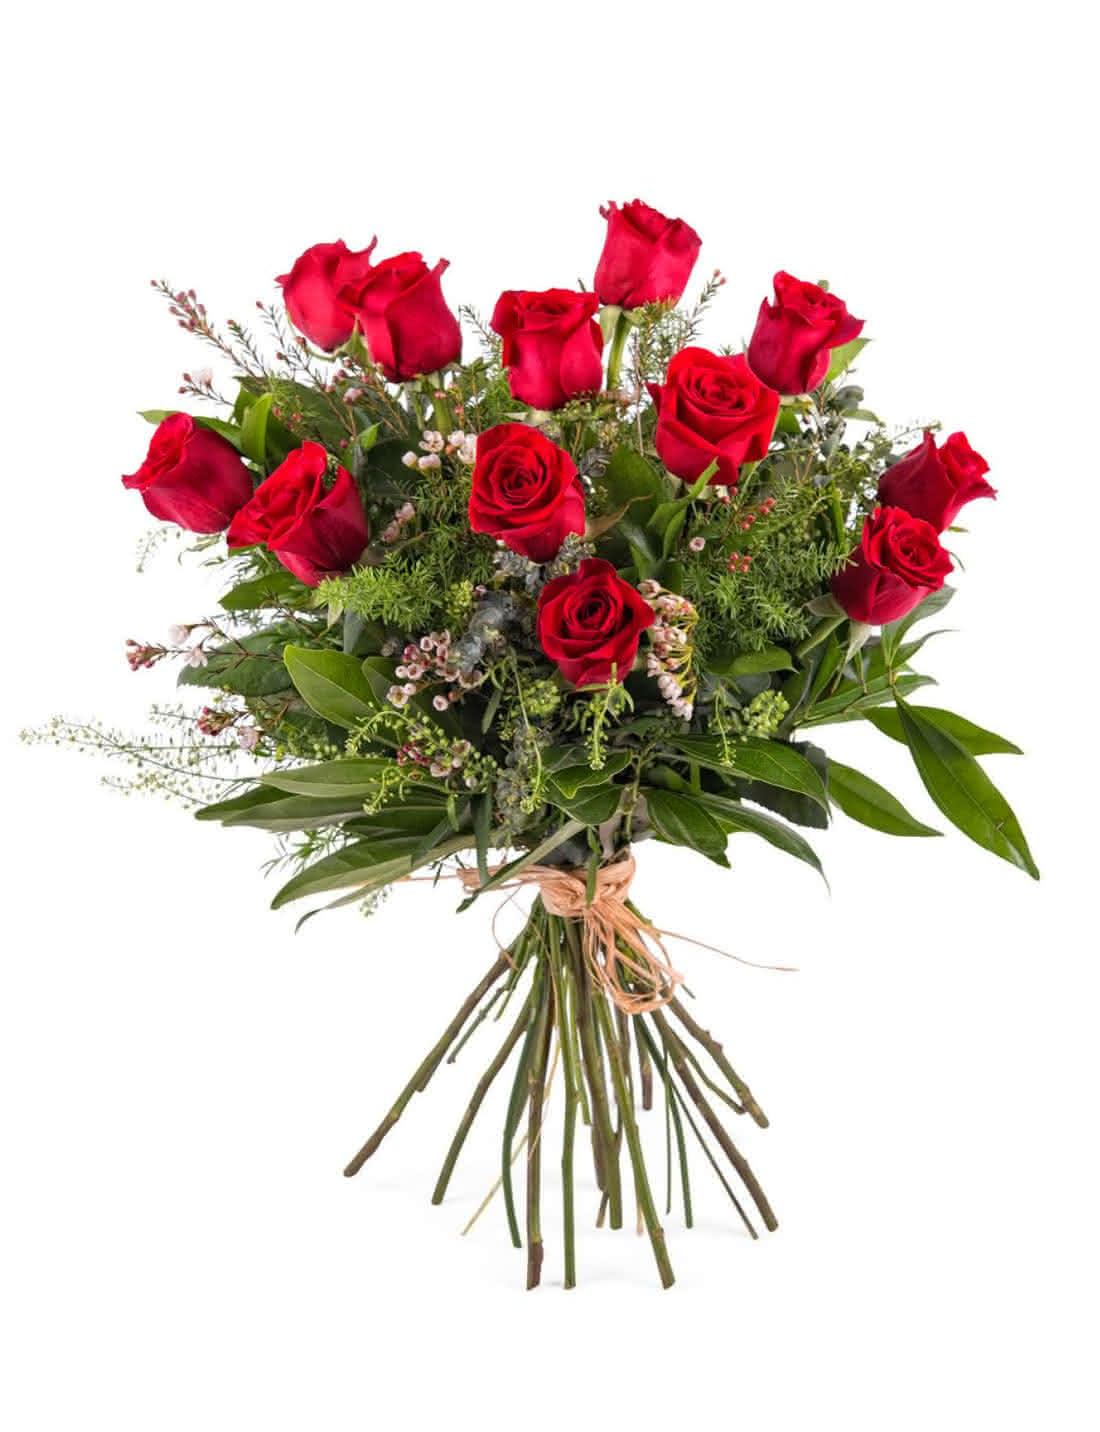 Ramos de flores frescas para oferecer no Dai de S. Valentim